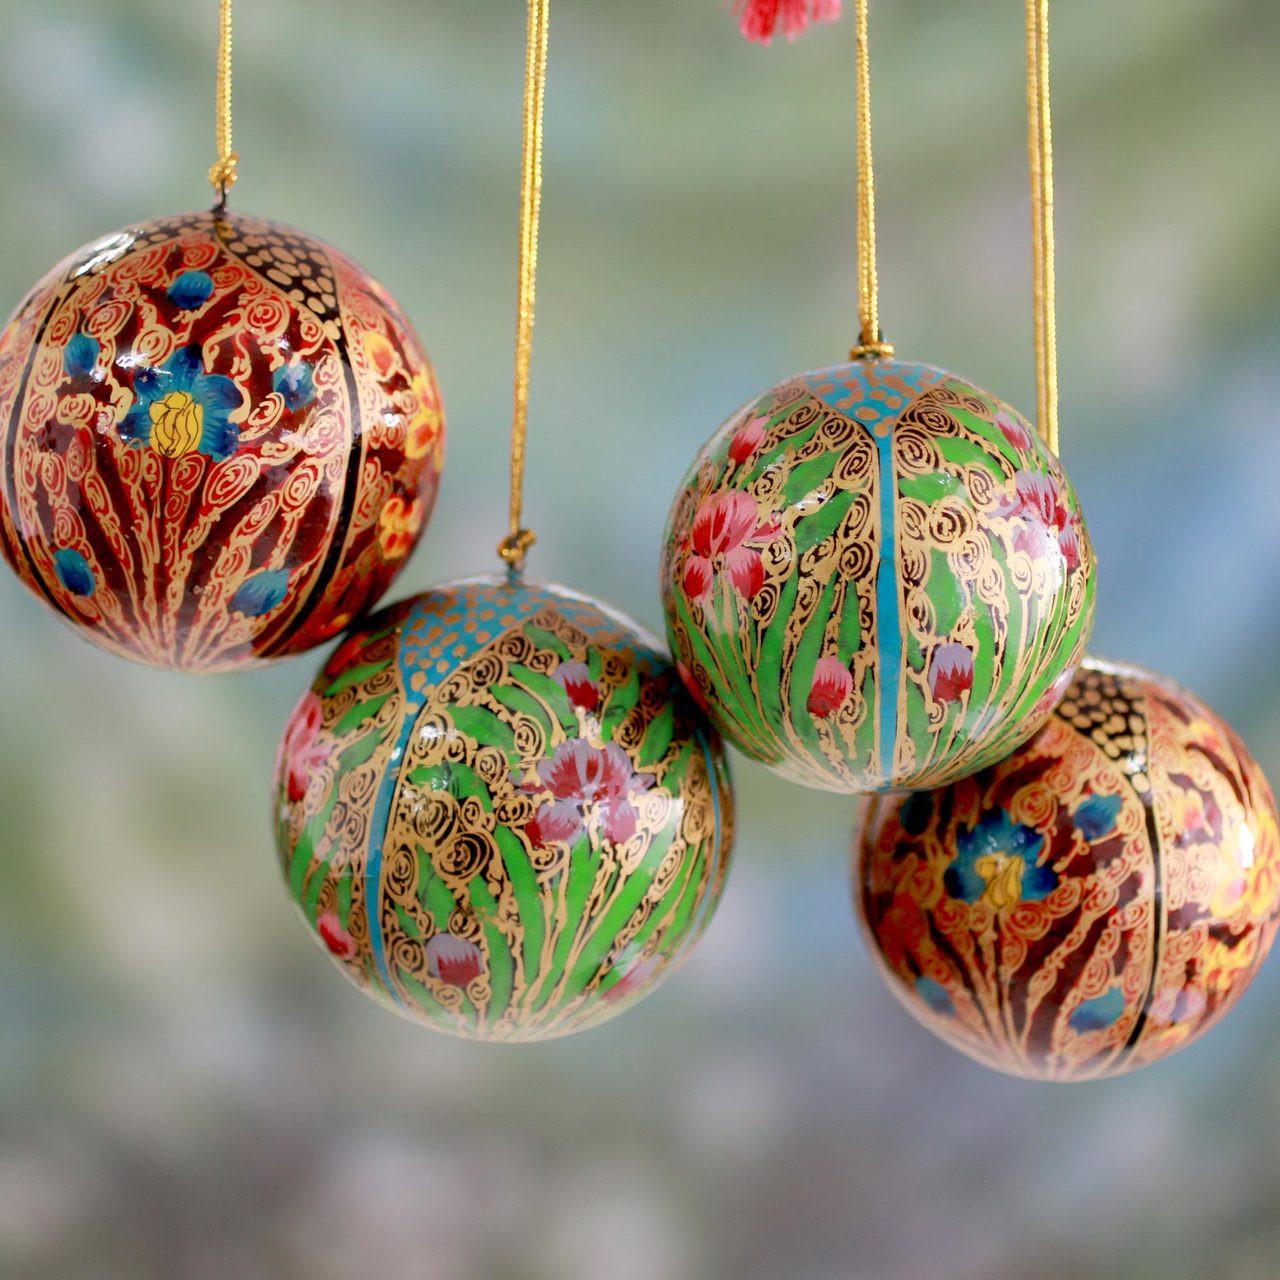 Ornaments Christmas.Set Of 4 Handmade Papier Mache Christmas Ornaments Christmas Blossoms